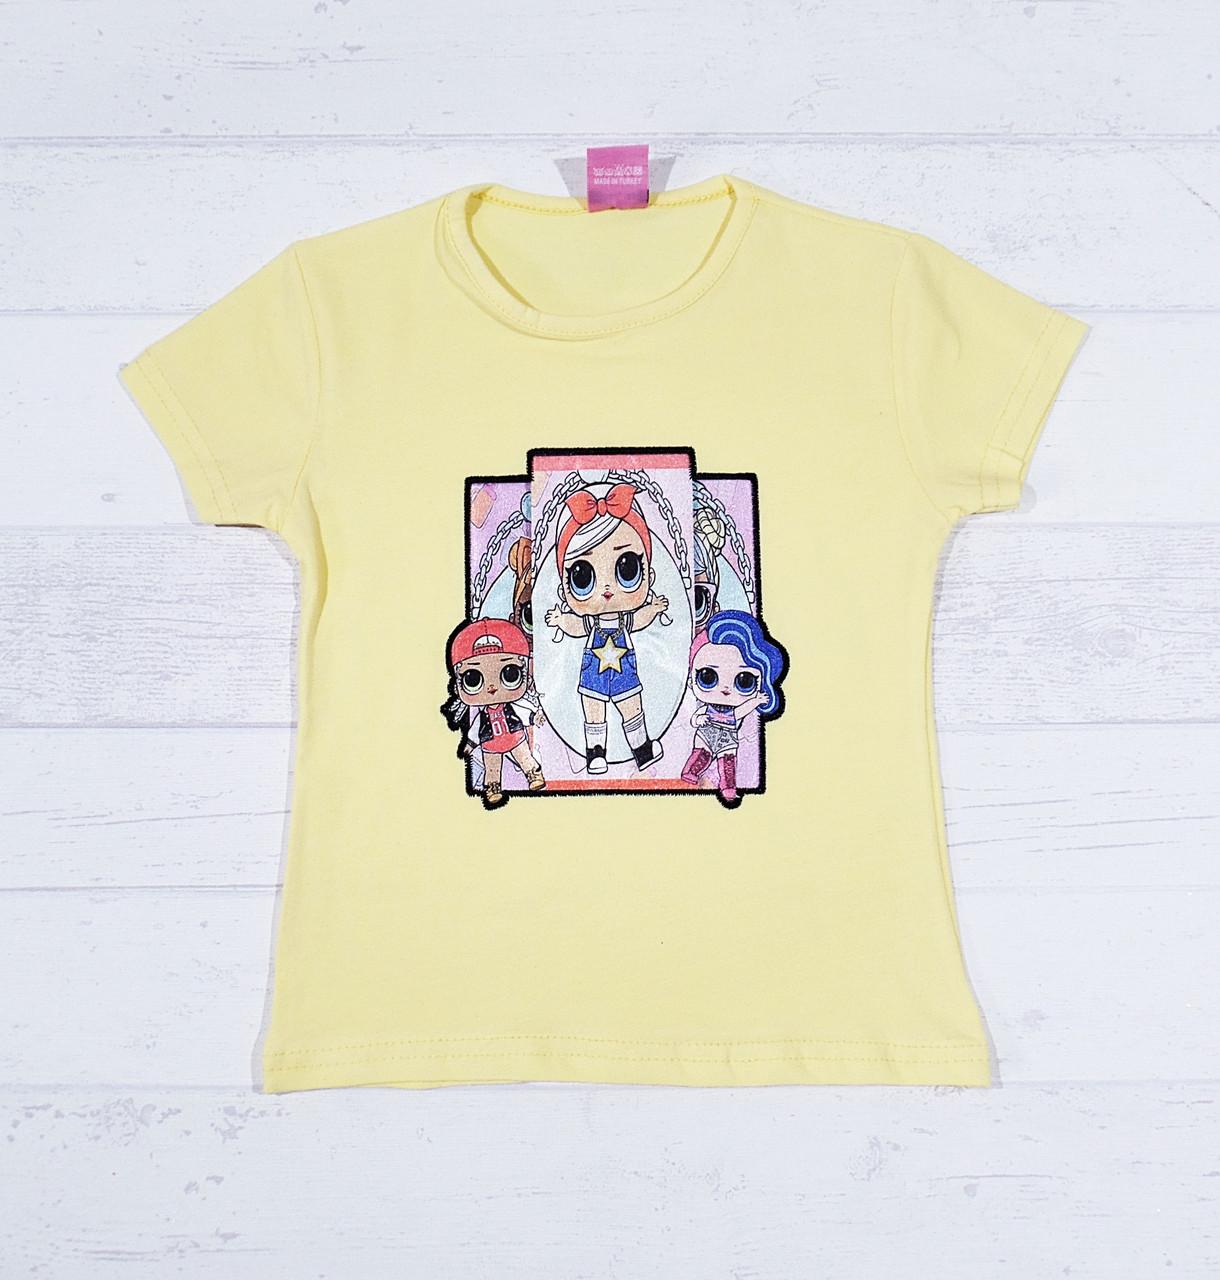 Детская футболка для девочек с куколками Лол 3,4,5,6,7 лет желтая